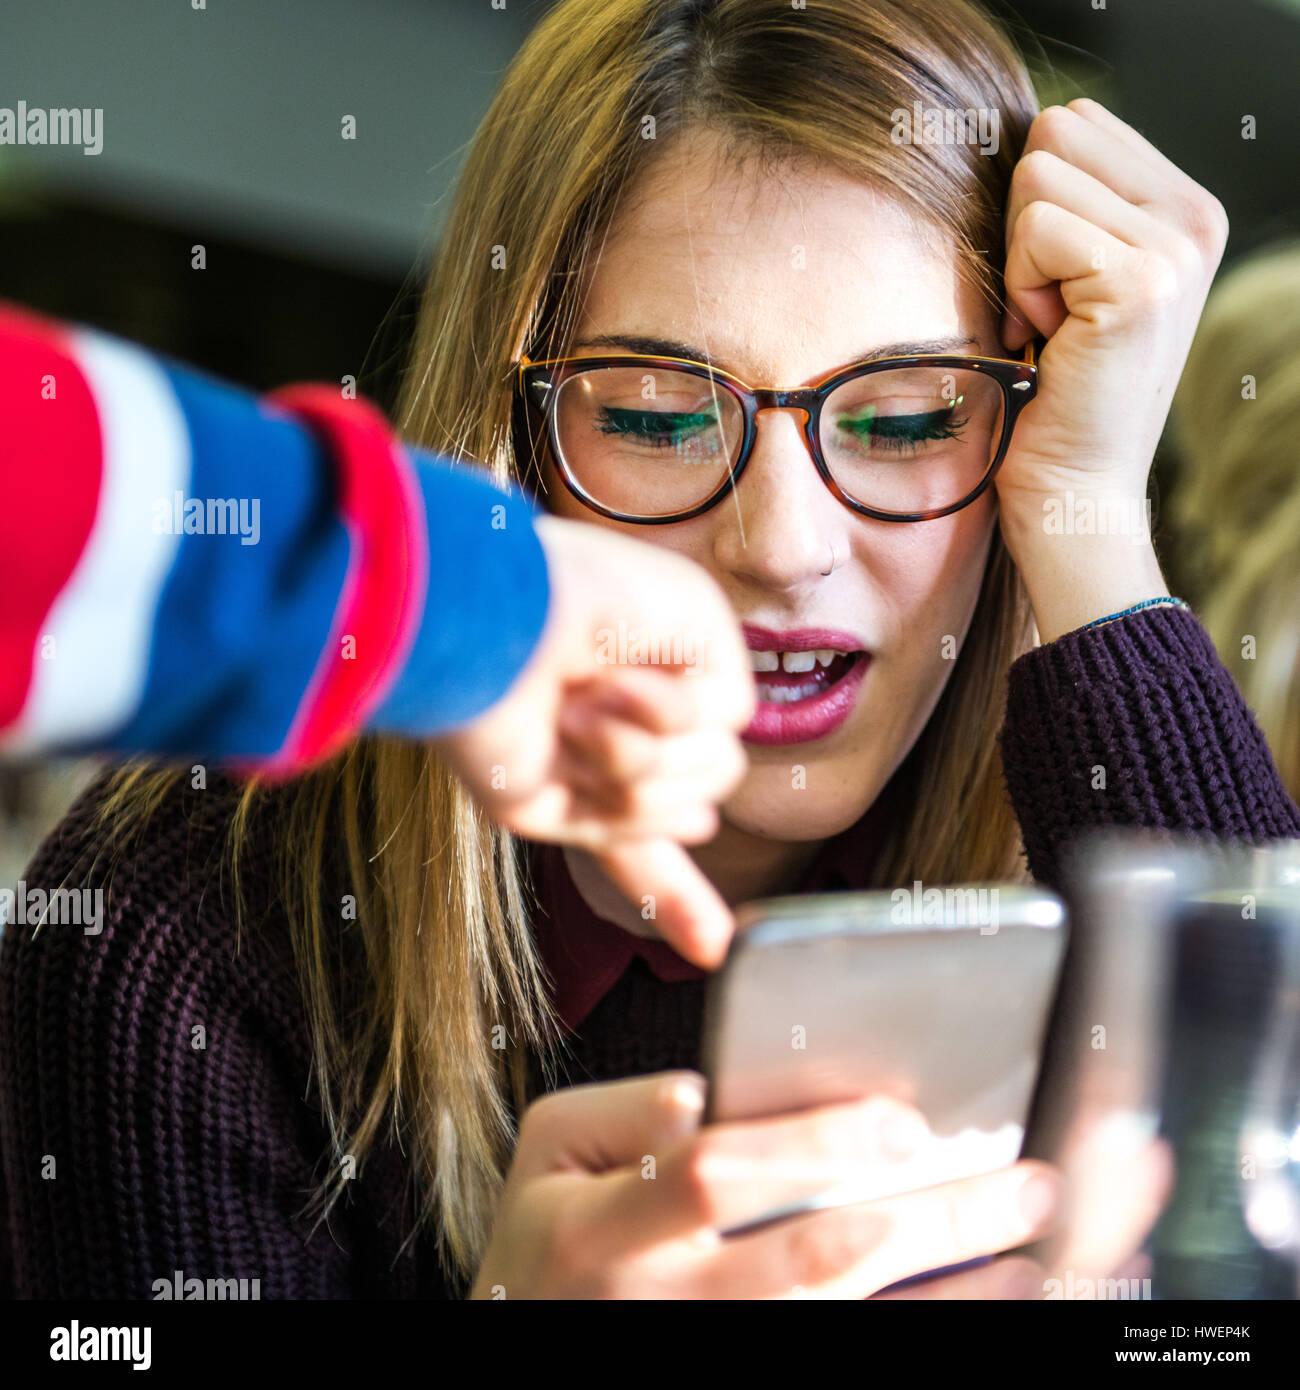 Mujer joven con chico de la mano apuntando al smartphone en cafe Imagen De Stock